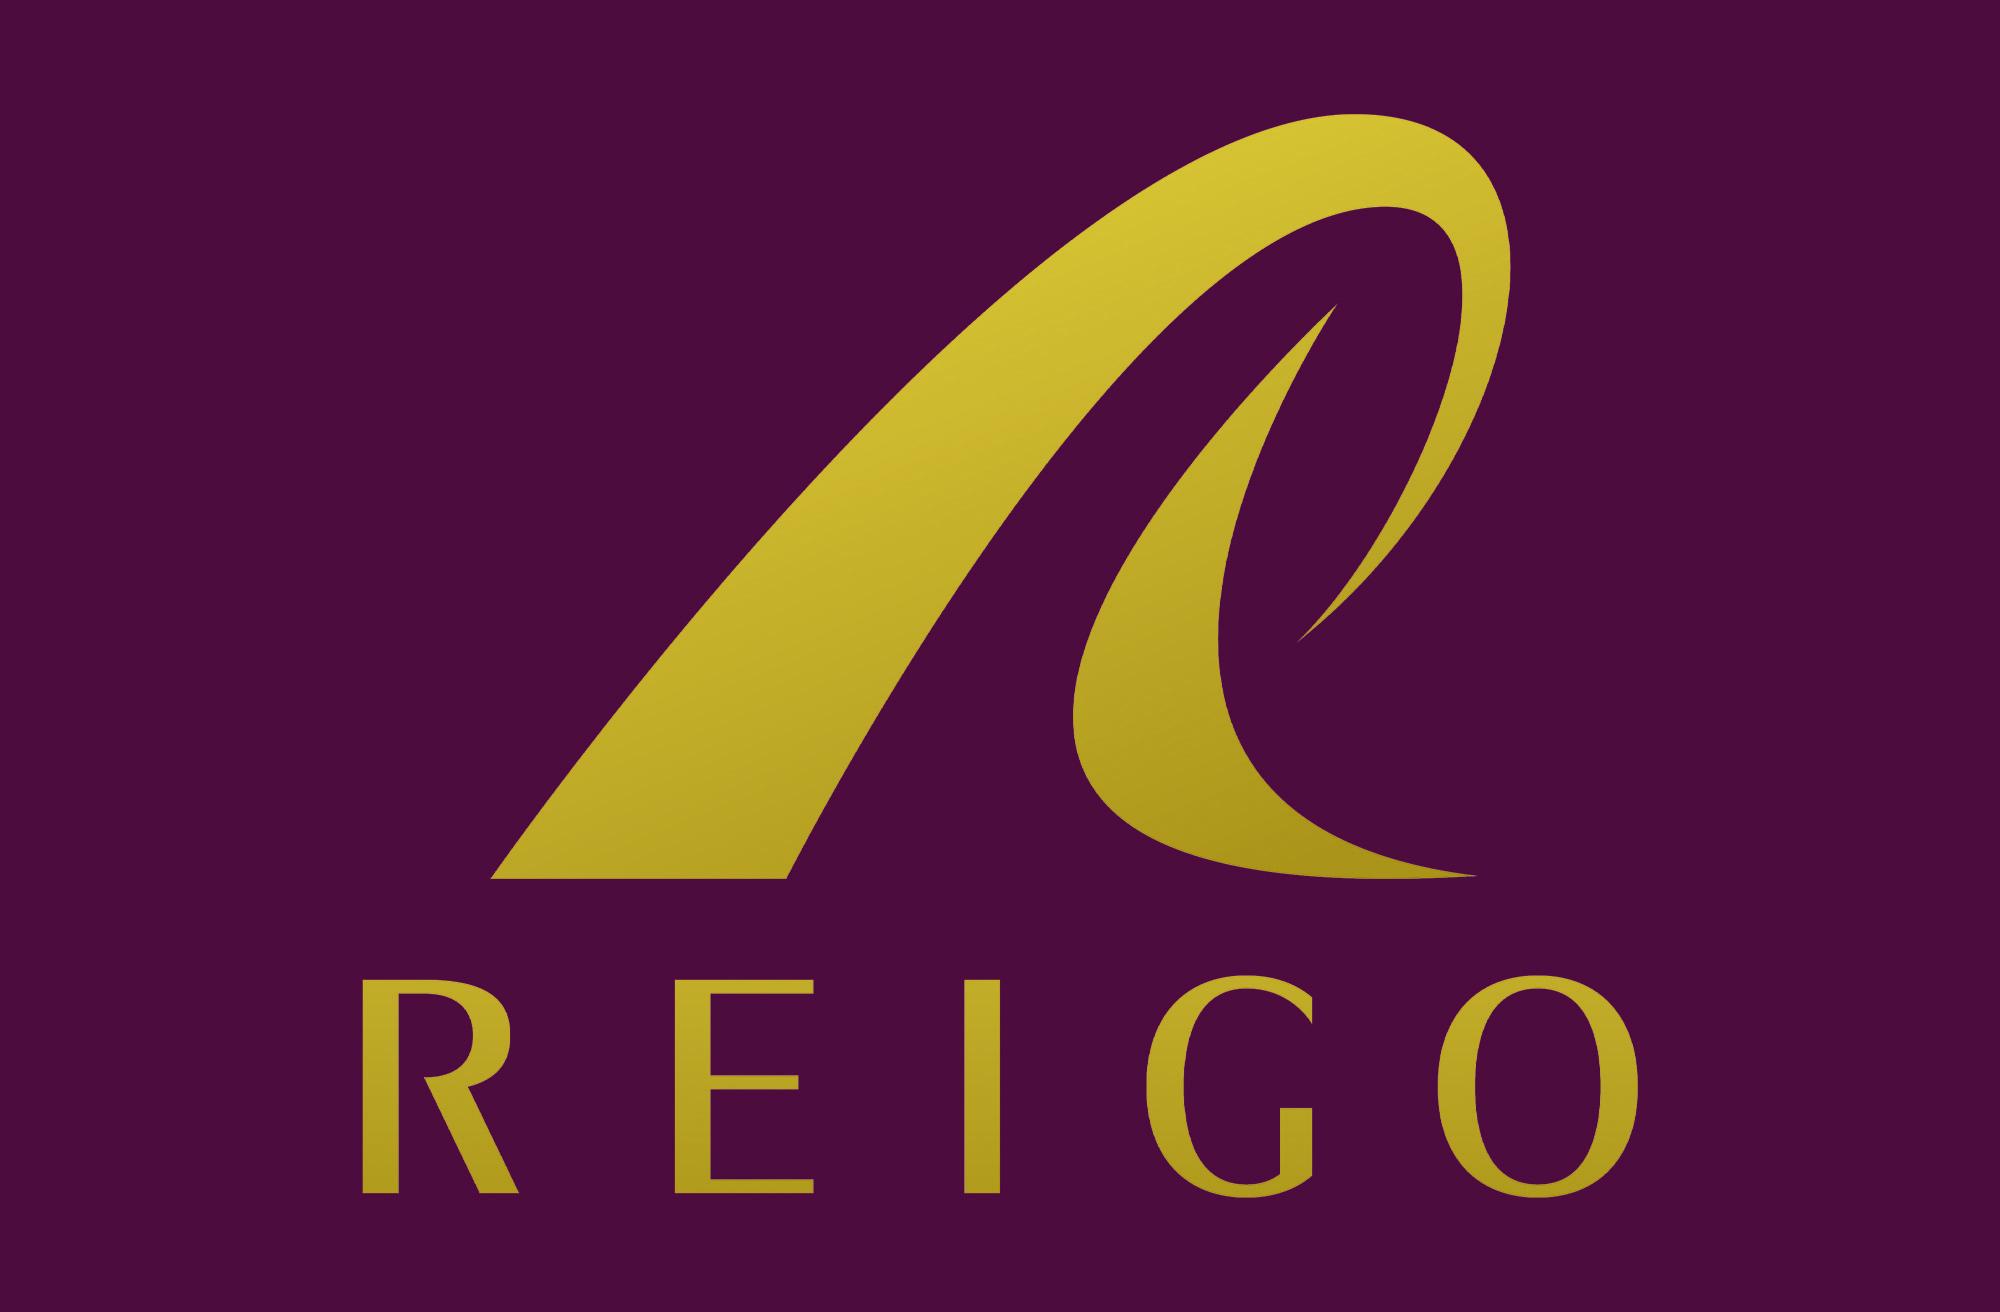 REIGO